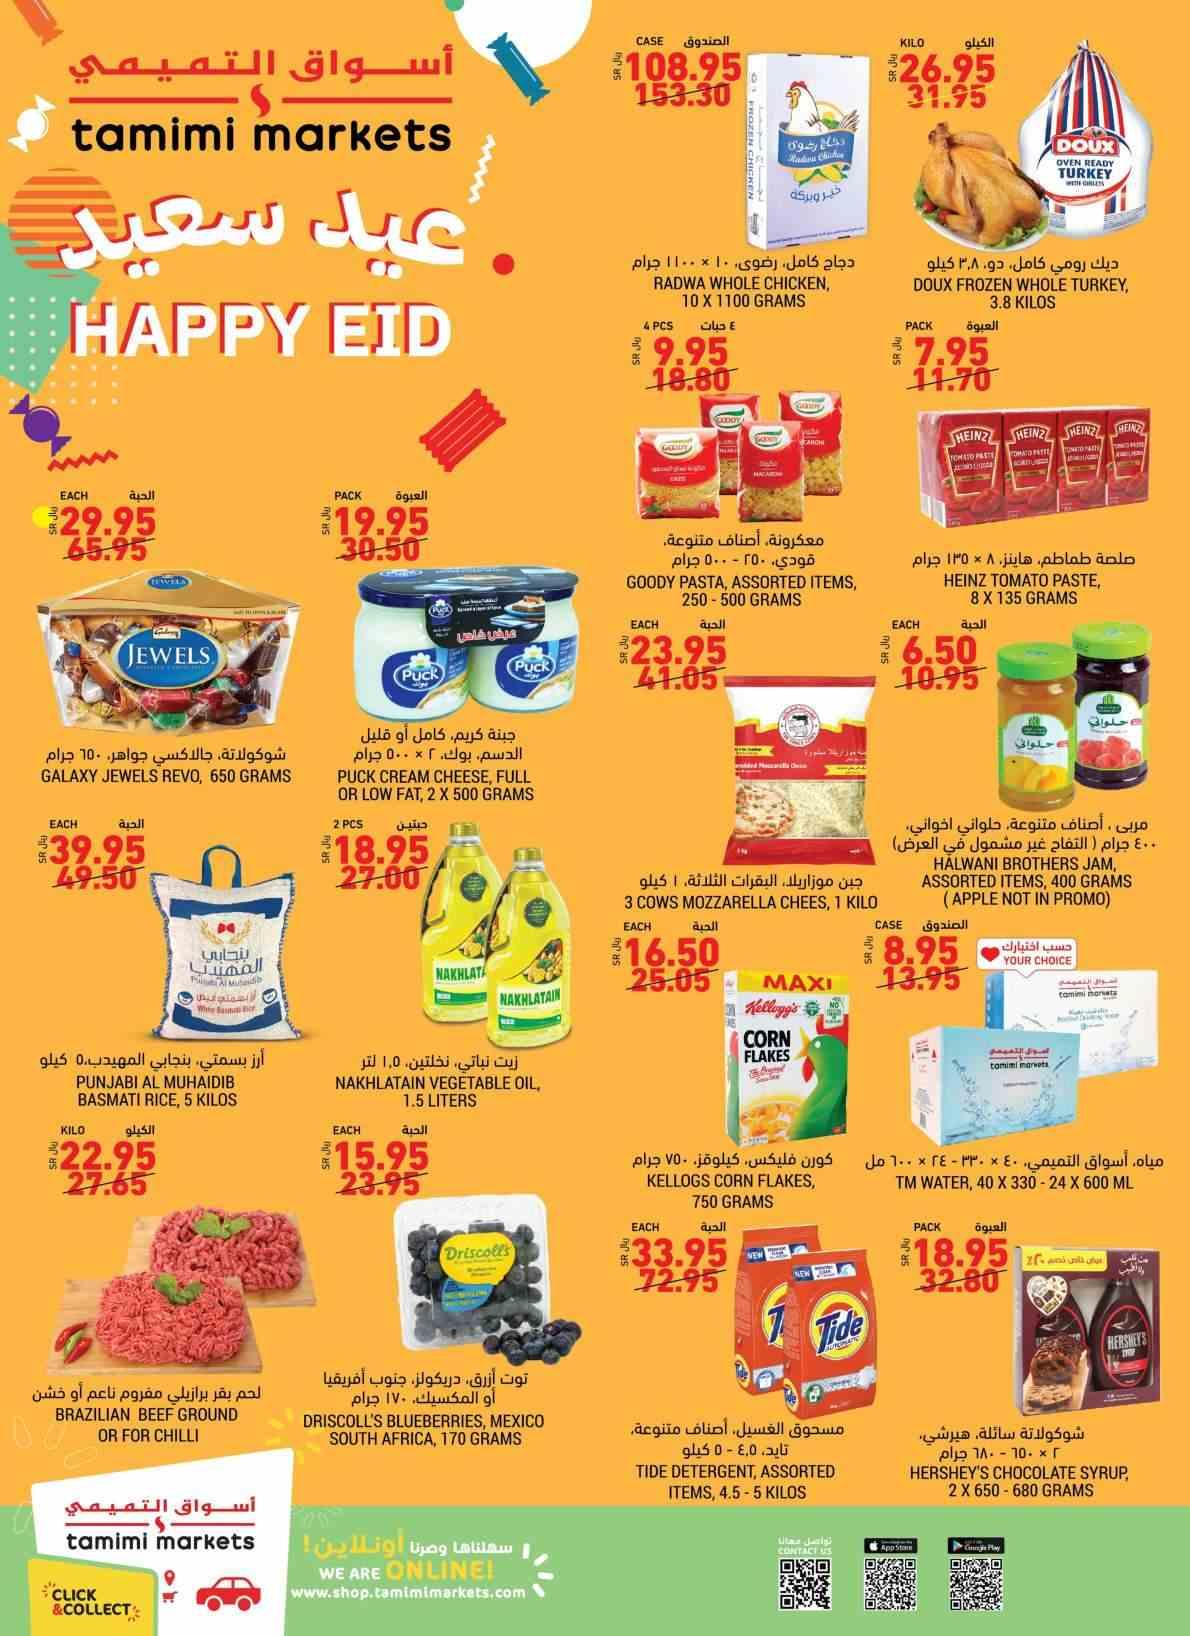 عروض التميمى السعودية من 21 يوليو حتى 27 يوليو 2021 عيد سعيد